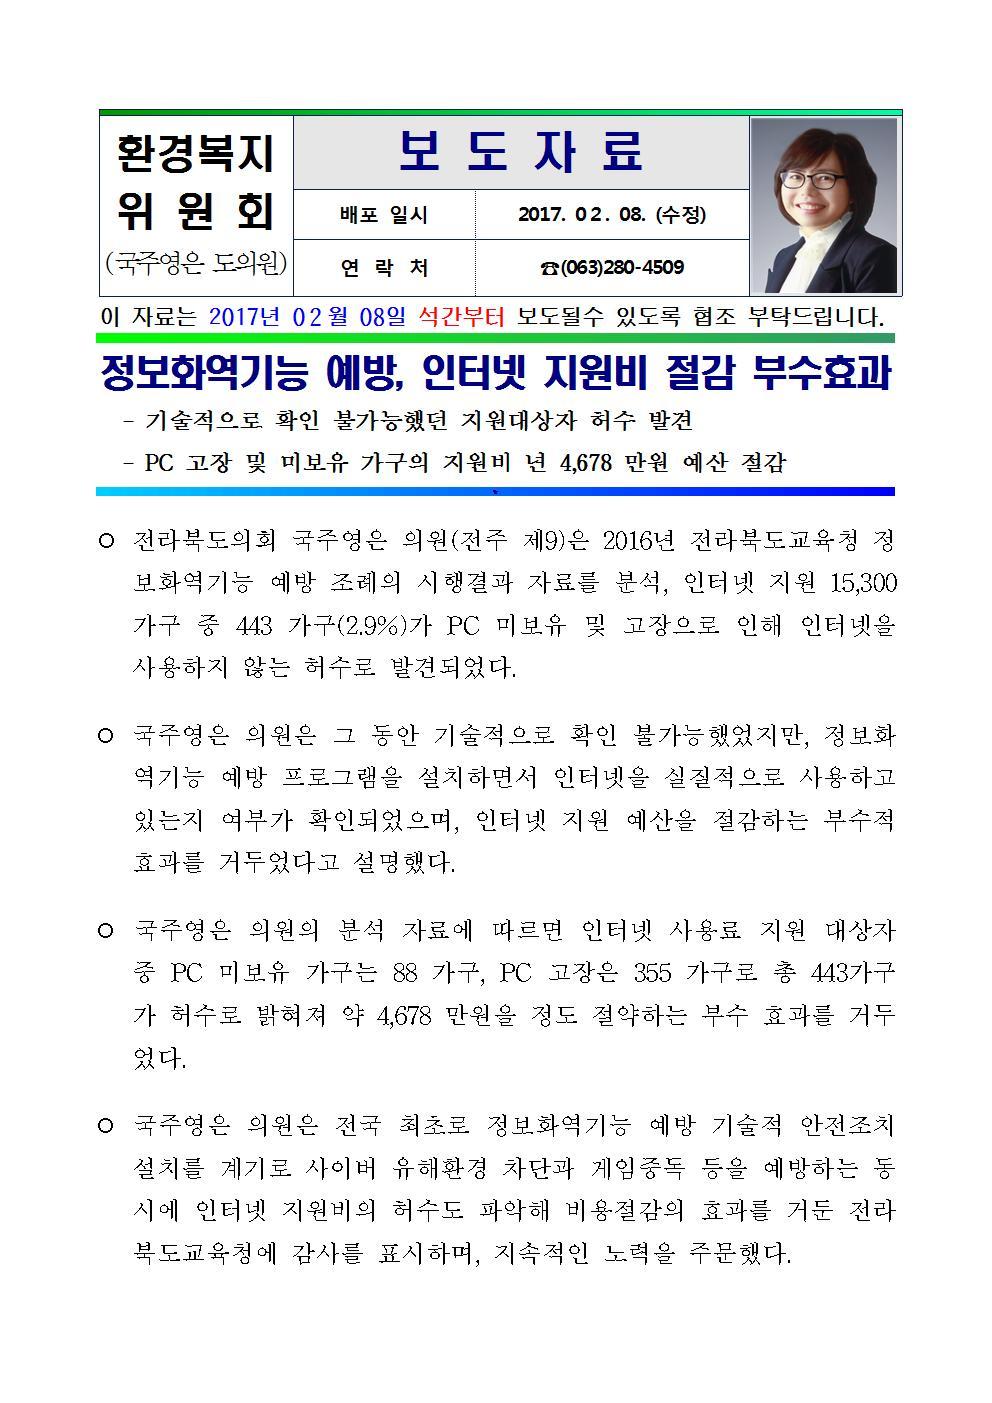 20170208_보도자료_전북_17_02_08_정보화역기능예방001001.jpg